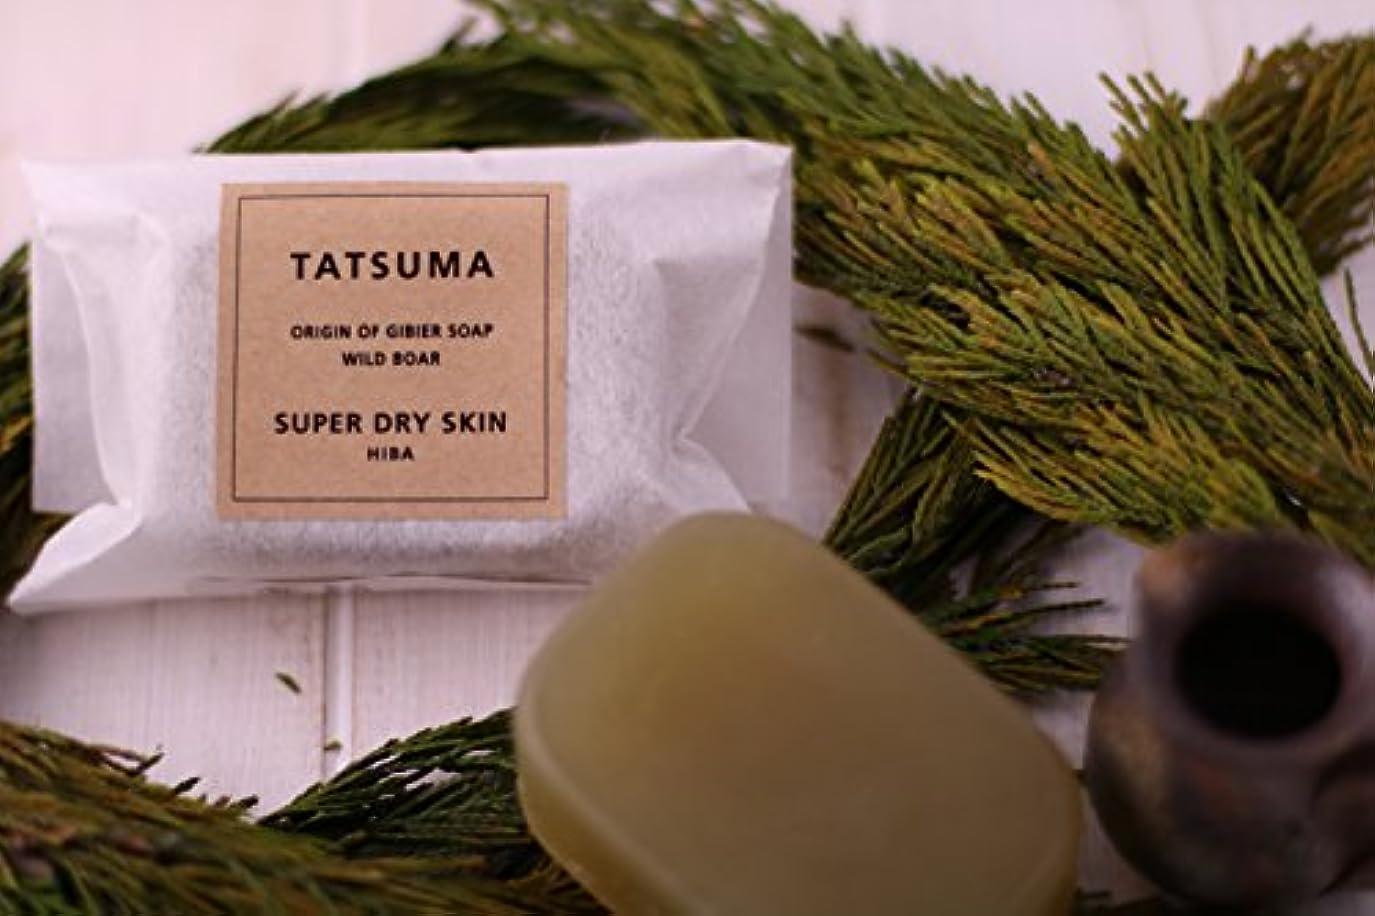 安西麻酔薬赤道化粧石鹸(IC-4) 枠練り/釜焚き製法 | TATSUMA SUPER SuperDRY SKIN HIBA